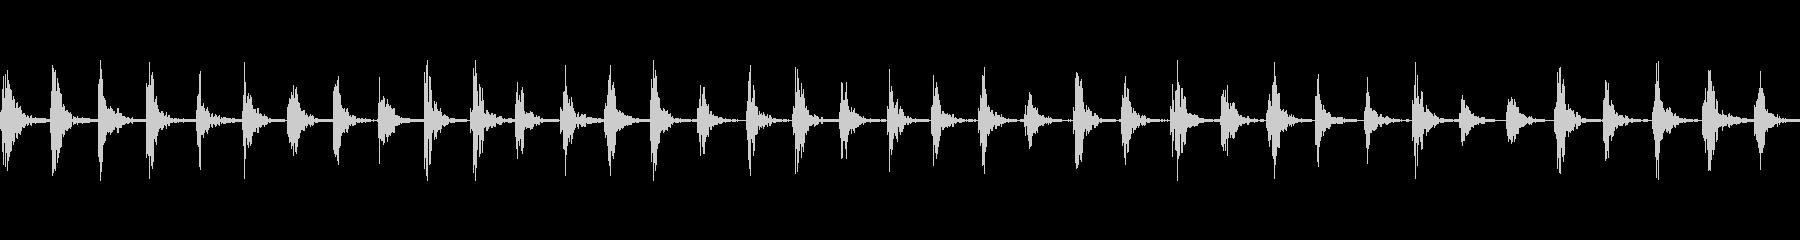 【足音01-2L】の未再生の波形